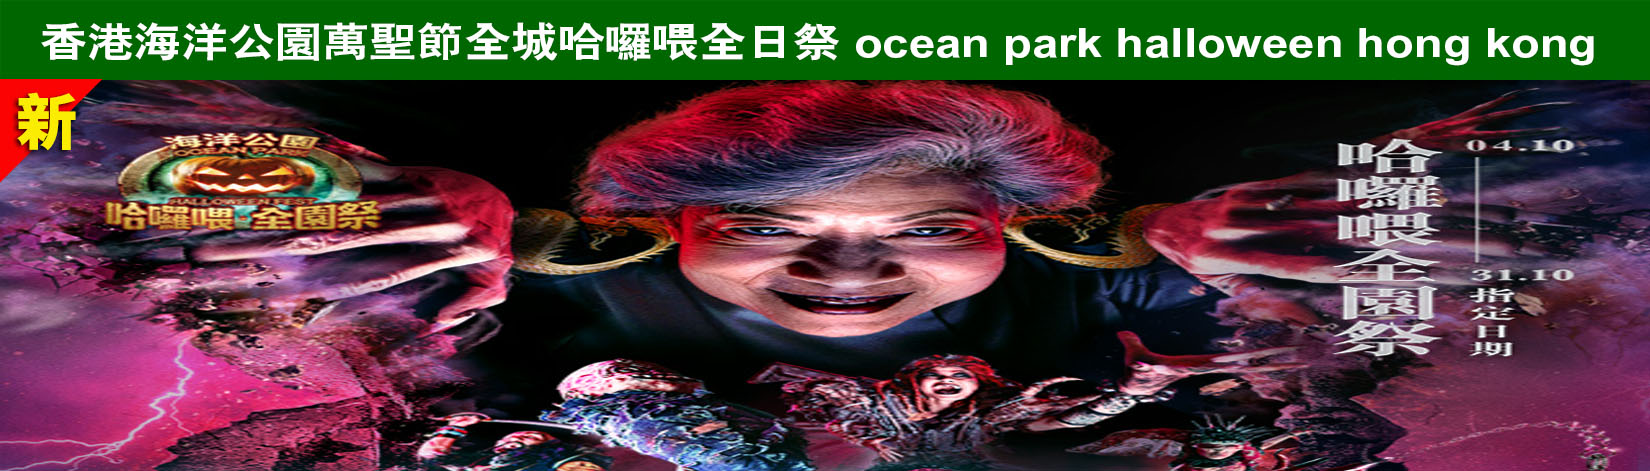 預訂去香港海洋主題公園自由行一天遊特價格門票入場劵優惠套票 hong kong ocean park package